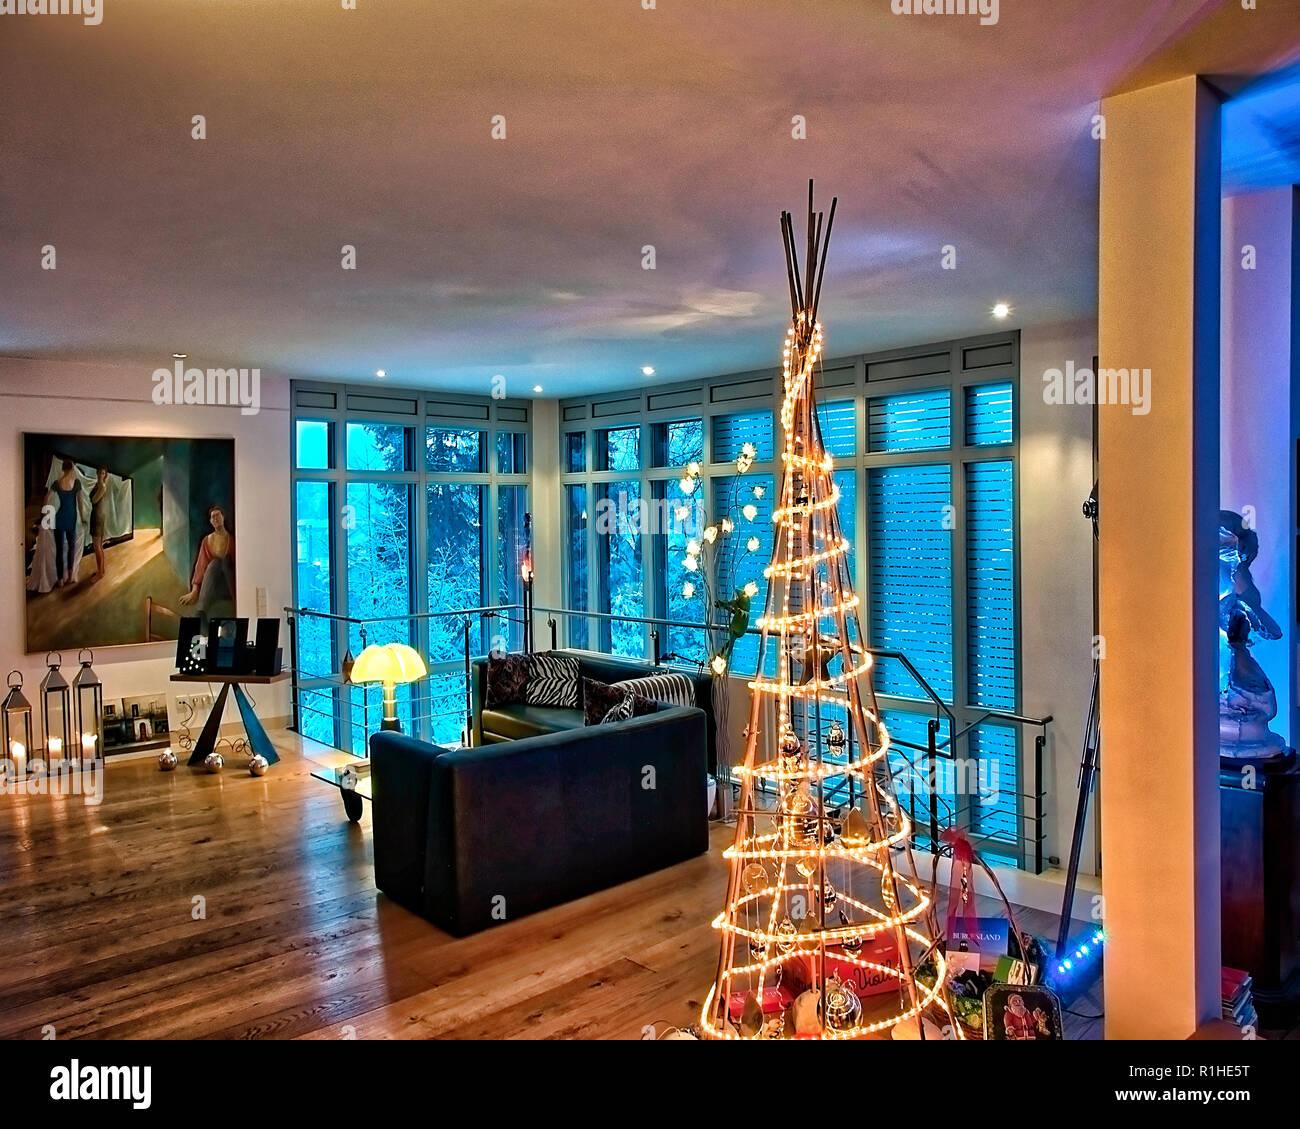 Un concetto architettonico: Contemporanea Soggiorno a Natale (HDR-immagine) Immagini Stock